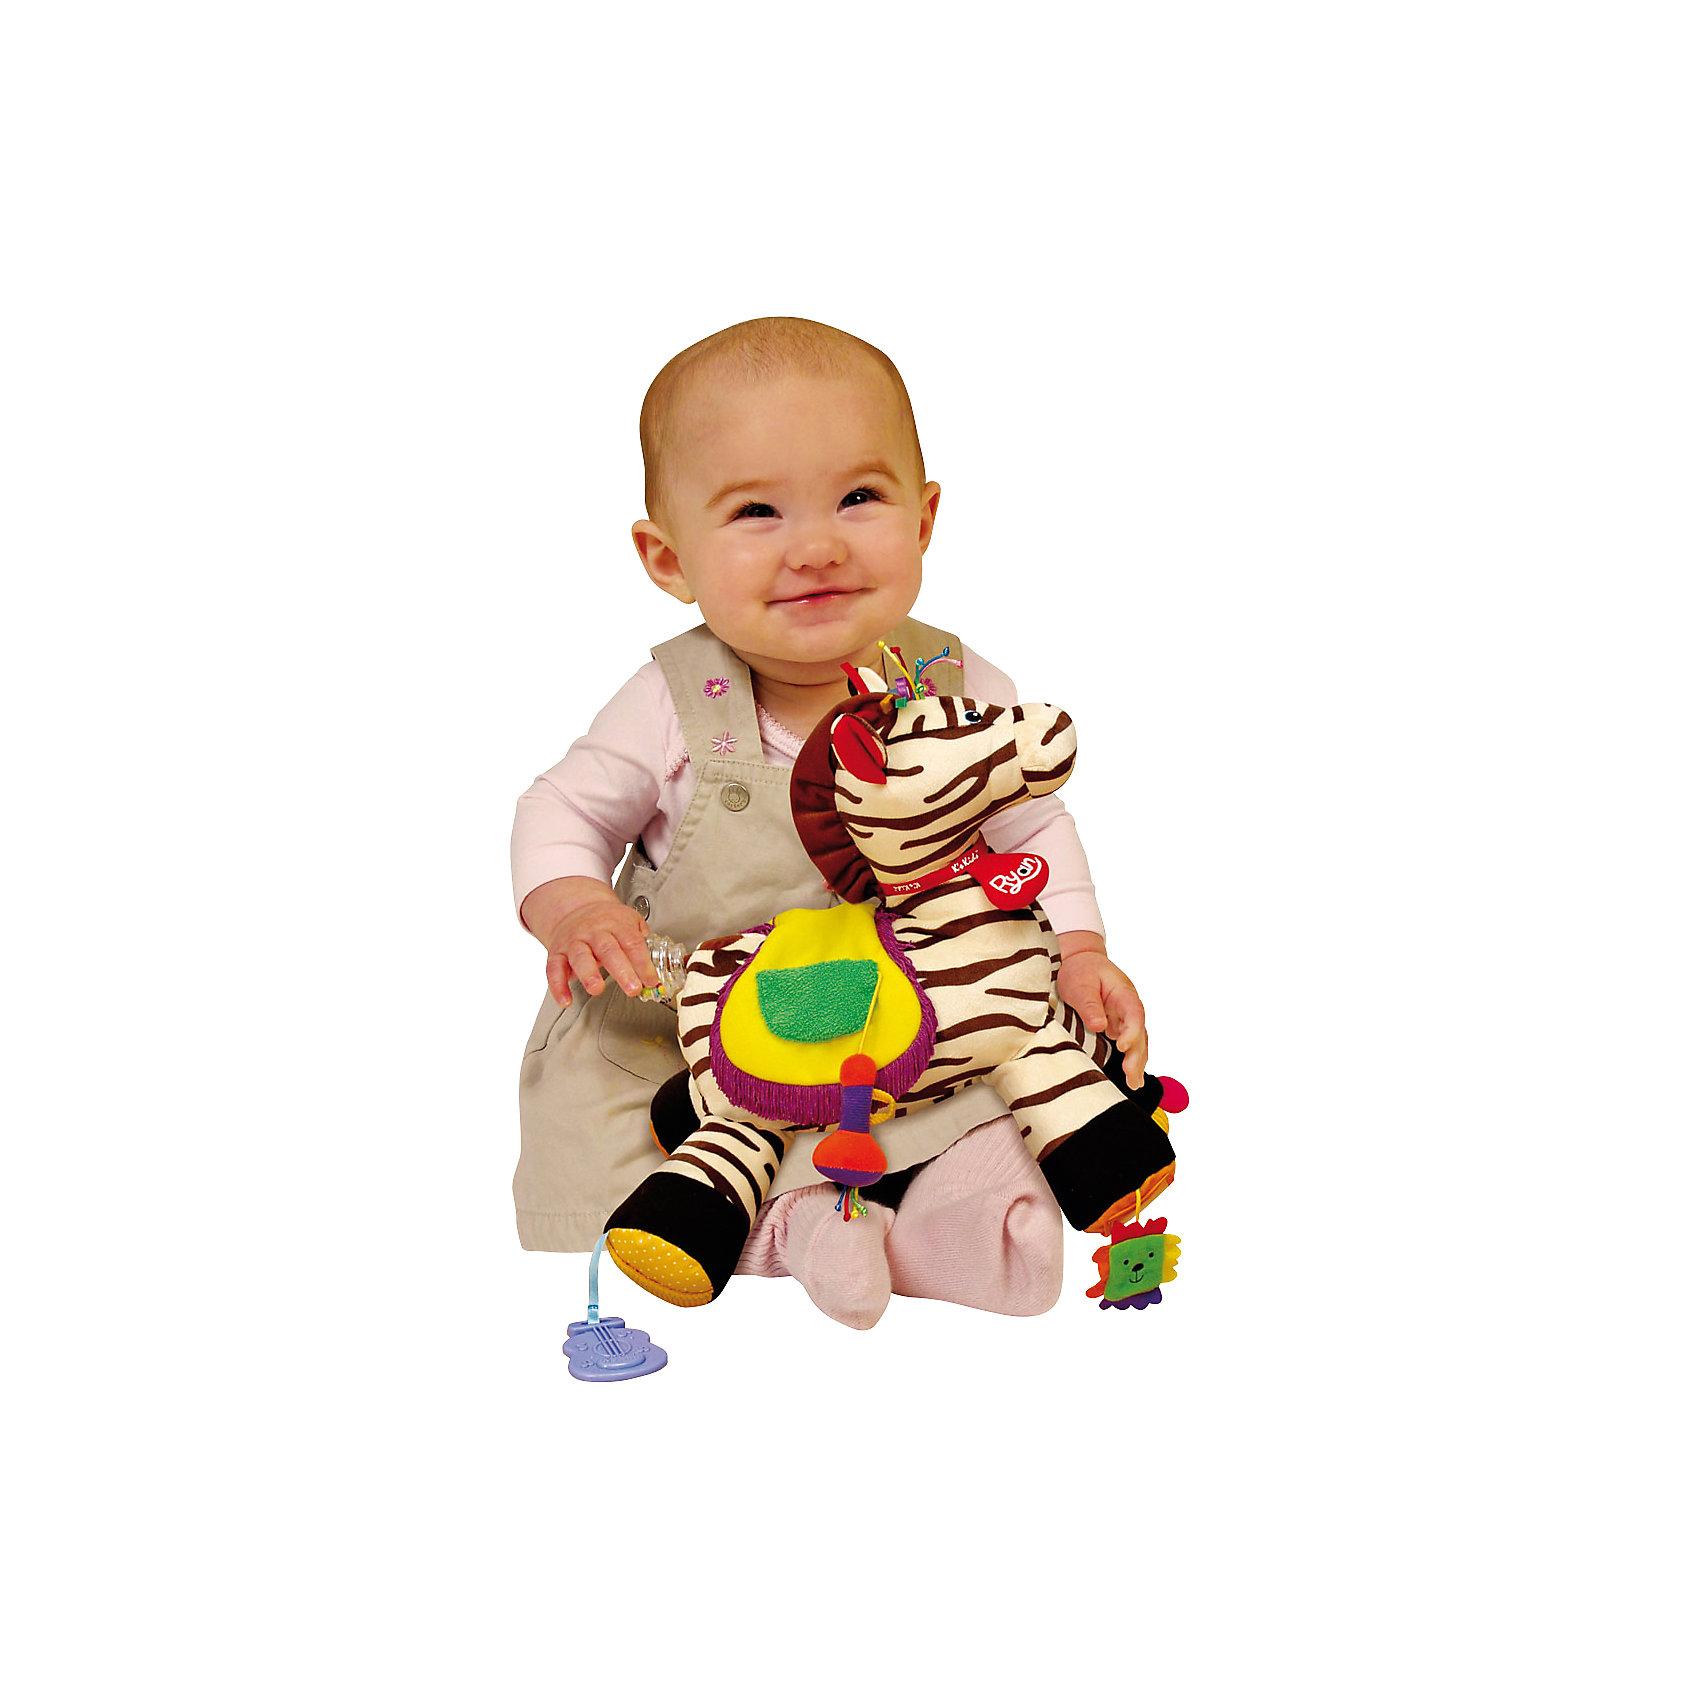 Развивающий центр Райан 18, Ks KidsРазвивающий центр «Райан 18», выполненный в виде зебры, подарит ребенку множество приятных игр. Малышу будет любопытно познавать новые предметы и ощущения, благодаря множеству обучающих элементов прикрепленных на зебре от K'sKids.<br>На седле зебры, которое пищит при нажатии, нарисован круг, квадрат и треугольник, в центре фигурок вписаны цифры. На одном копыте зебры установлено безопасное зеркало, вокруг которого есть разноцветные шуршащие лепестки. На другом копытце есть диск, который вертится и трещит. Третье копытце оснащено гитарой на ленте, а на четвертом располагается веселая подвеска. Хвост лошадки выполнен в виде прорезывателя-погремушки. На шее игрушки завязан красный шарфик, на котором написано имя зебры. Игрушка сделана из материалов разных фактур, развивает тактильное восприятие и мелкую моторику пальцев рук. <br>Яркая расцветка игрушки привлекает внимание малышей и способствует развитию цветового восприятия ребенка. <br>Развивающий центр изготовлен из высококачественных экологичных материалов абсолютно безопасных даже для самых маленьких детей. <br><br>Дополнительная информация:<br><br>- Материал: пластик, текстиль.<br>- Размер: 16x28x25 см.<br>- 18 развивающих элементов.<br>- Цифры, безопасное зеркальце, погремушка, пищалка, прорезыватель, кармашки.<br>- Специальный кармашек, в который можно поместить фото ребенка.  <br><br>Развивающий центр Райан 18, Ks Kids, можно купить в нашем магазине.<br><br>Ширина мм: 340<br>Глубина мм: 270<br>Высота мм: 330<br>Вес г: 866<br>Возраст от месяцев: 0<br>Возраст до месяцев: 12<br>Пол: Унисекс<br>Возраст: Детский<br>SKU: 4589898